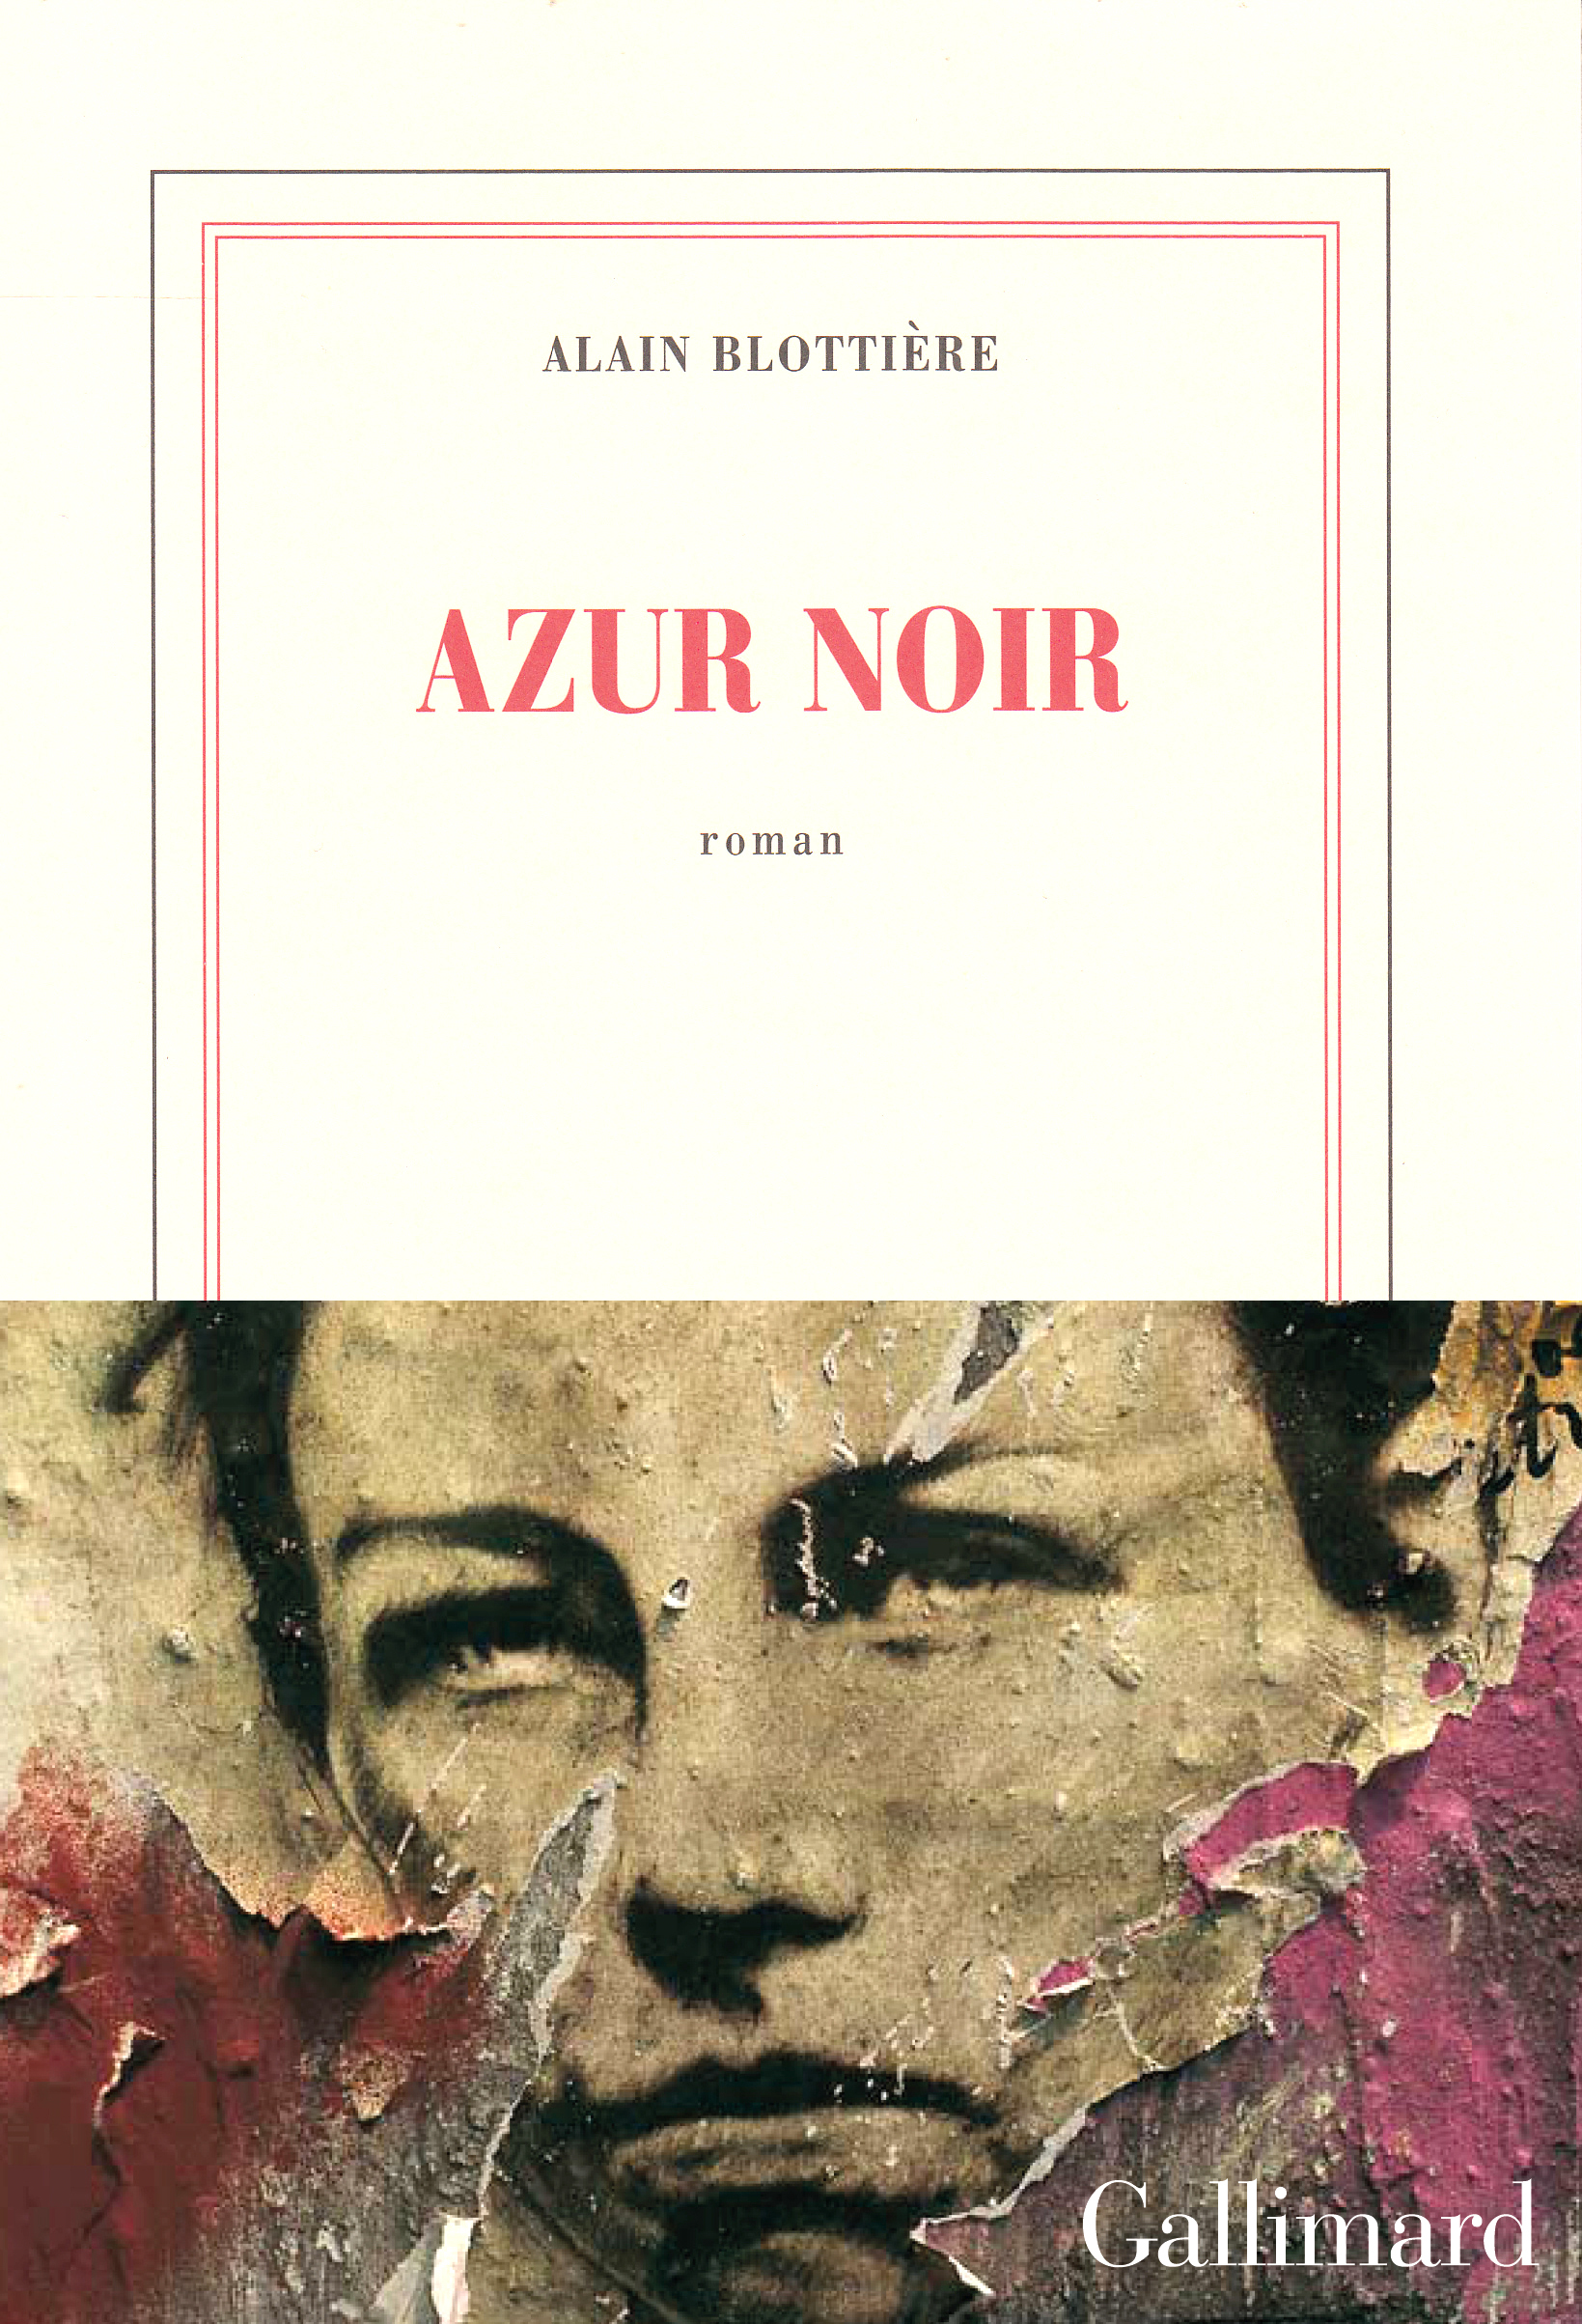 AZUR NOIR